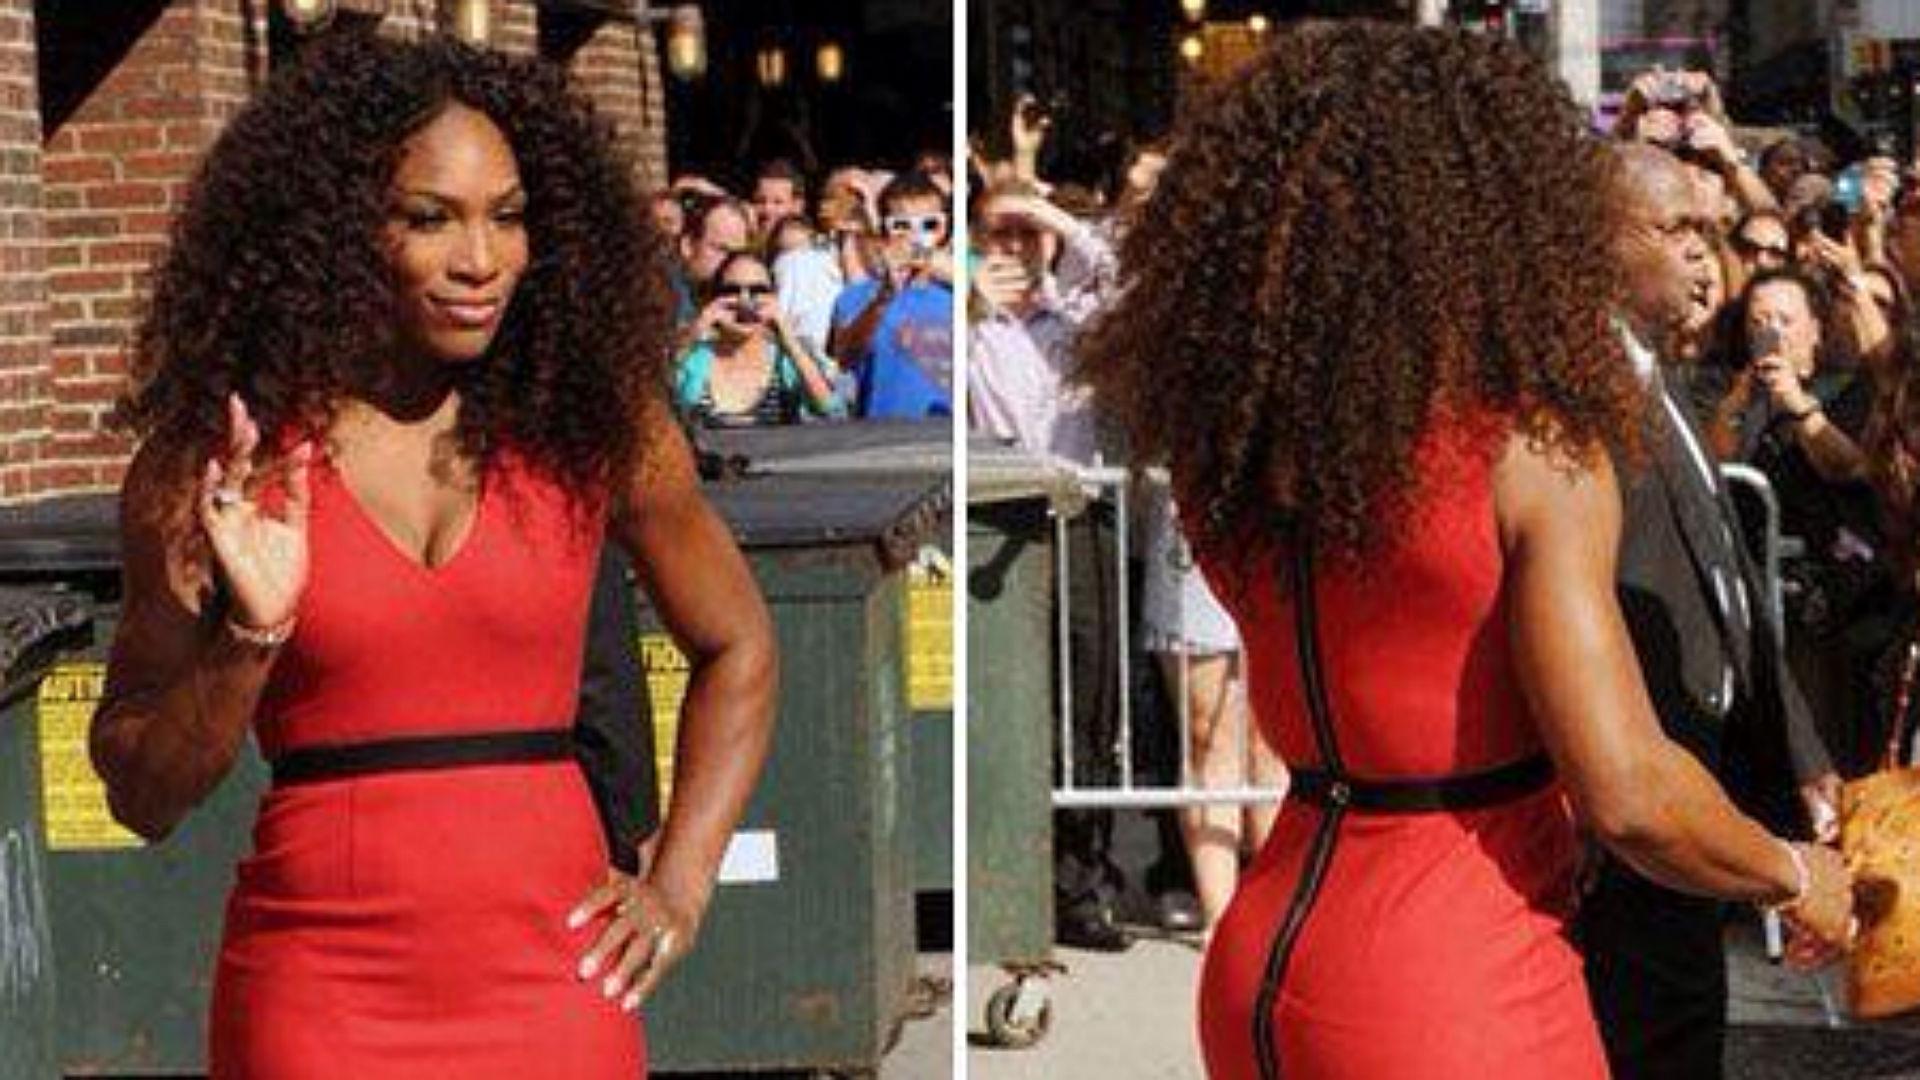 JK Rowling Serena Williams-071115-twitter-ftr.jpg